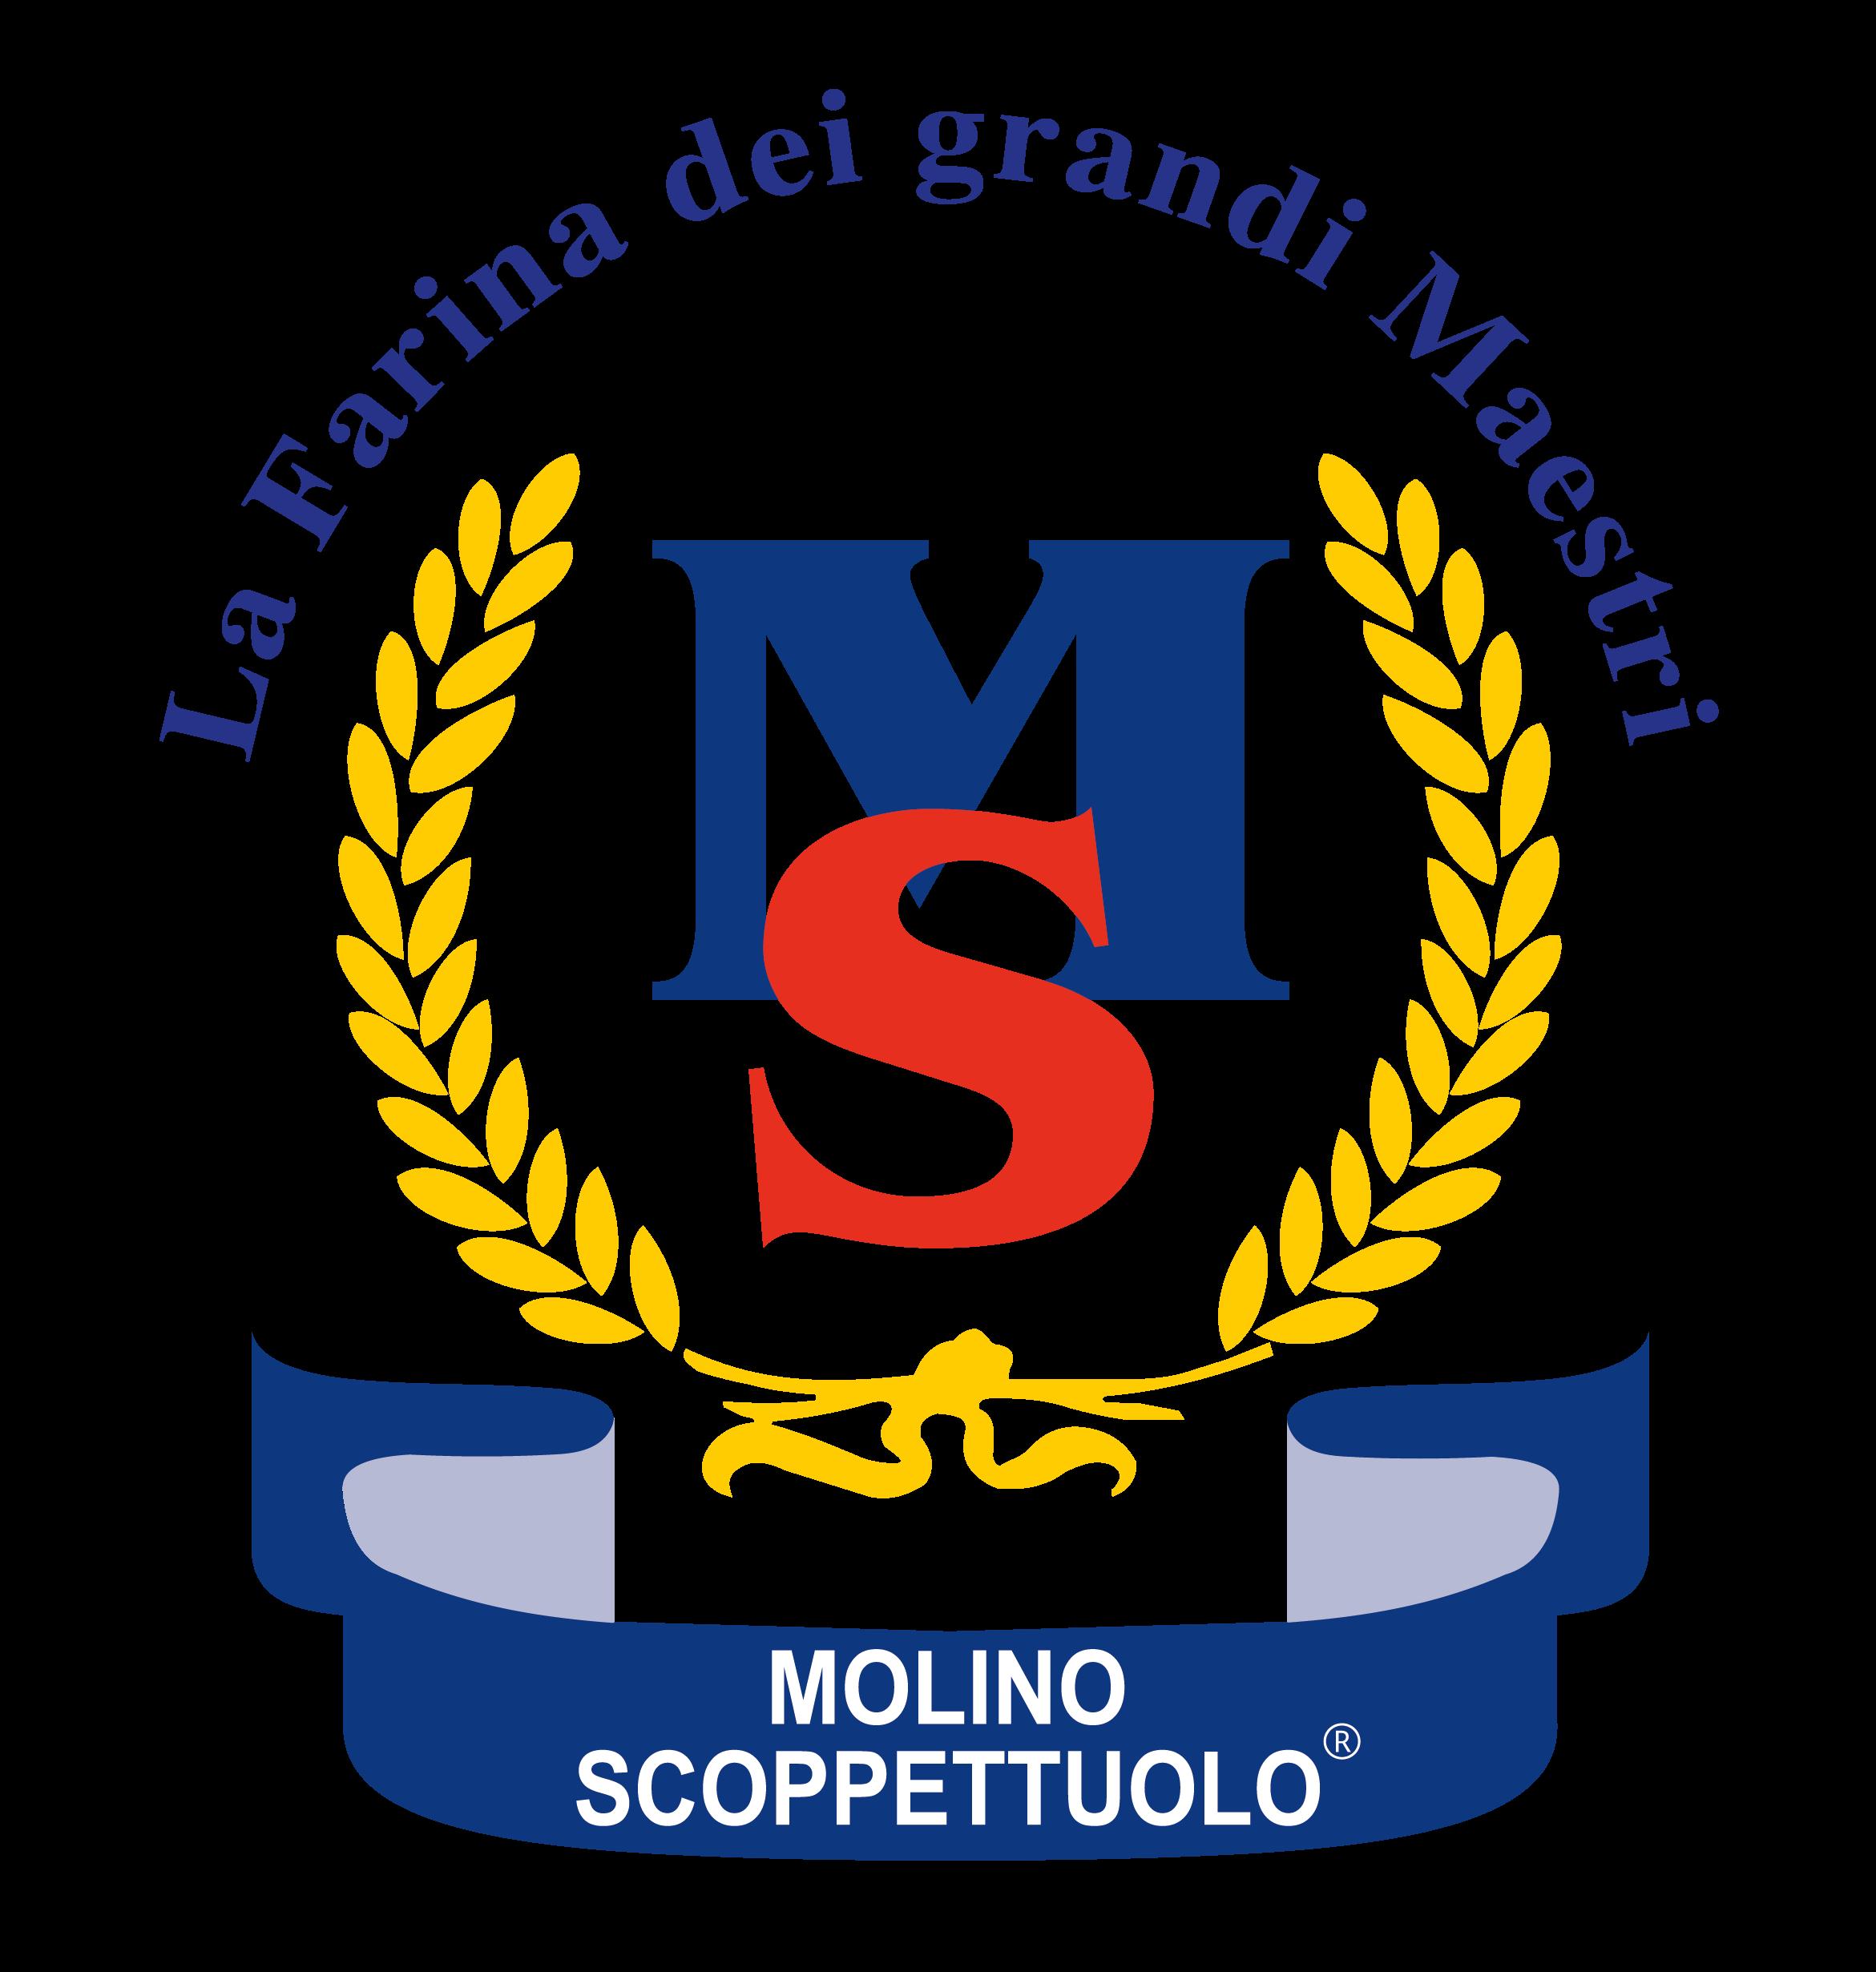 trasp TONDO OFFLOGO SCOPPETTUOLO OFFICIAL-01 (1)